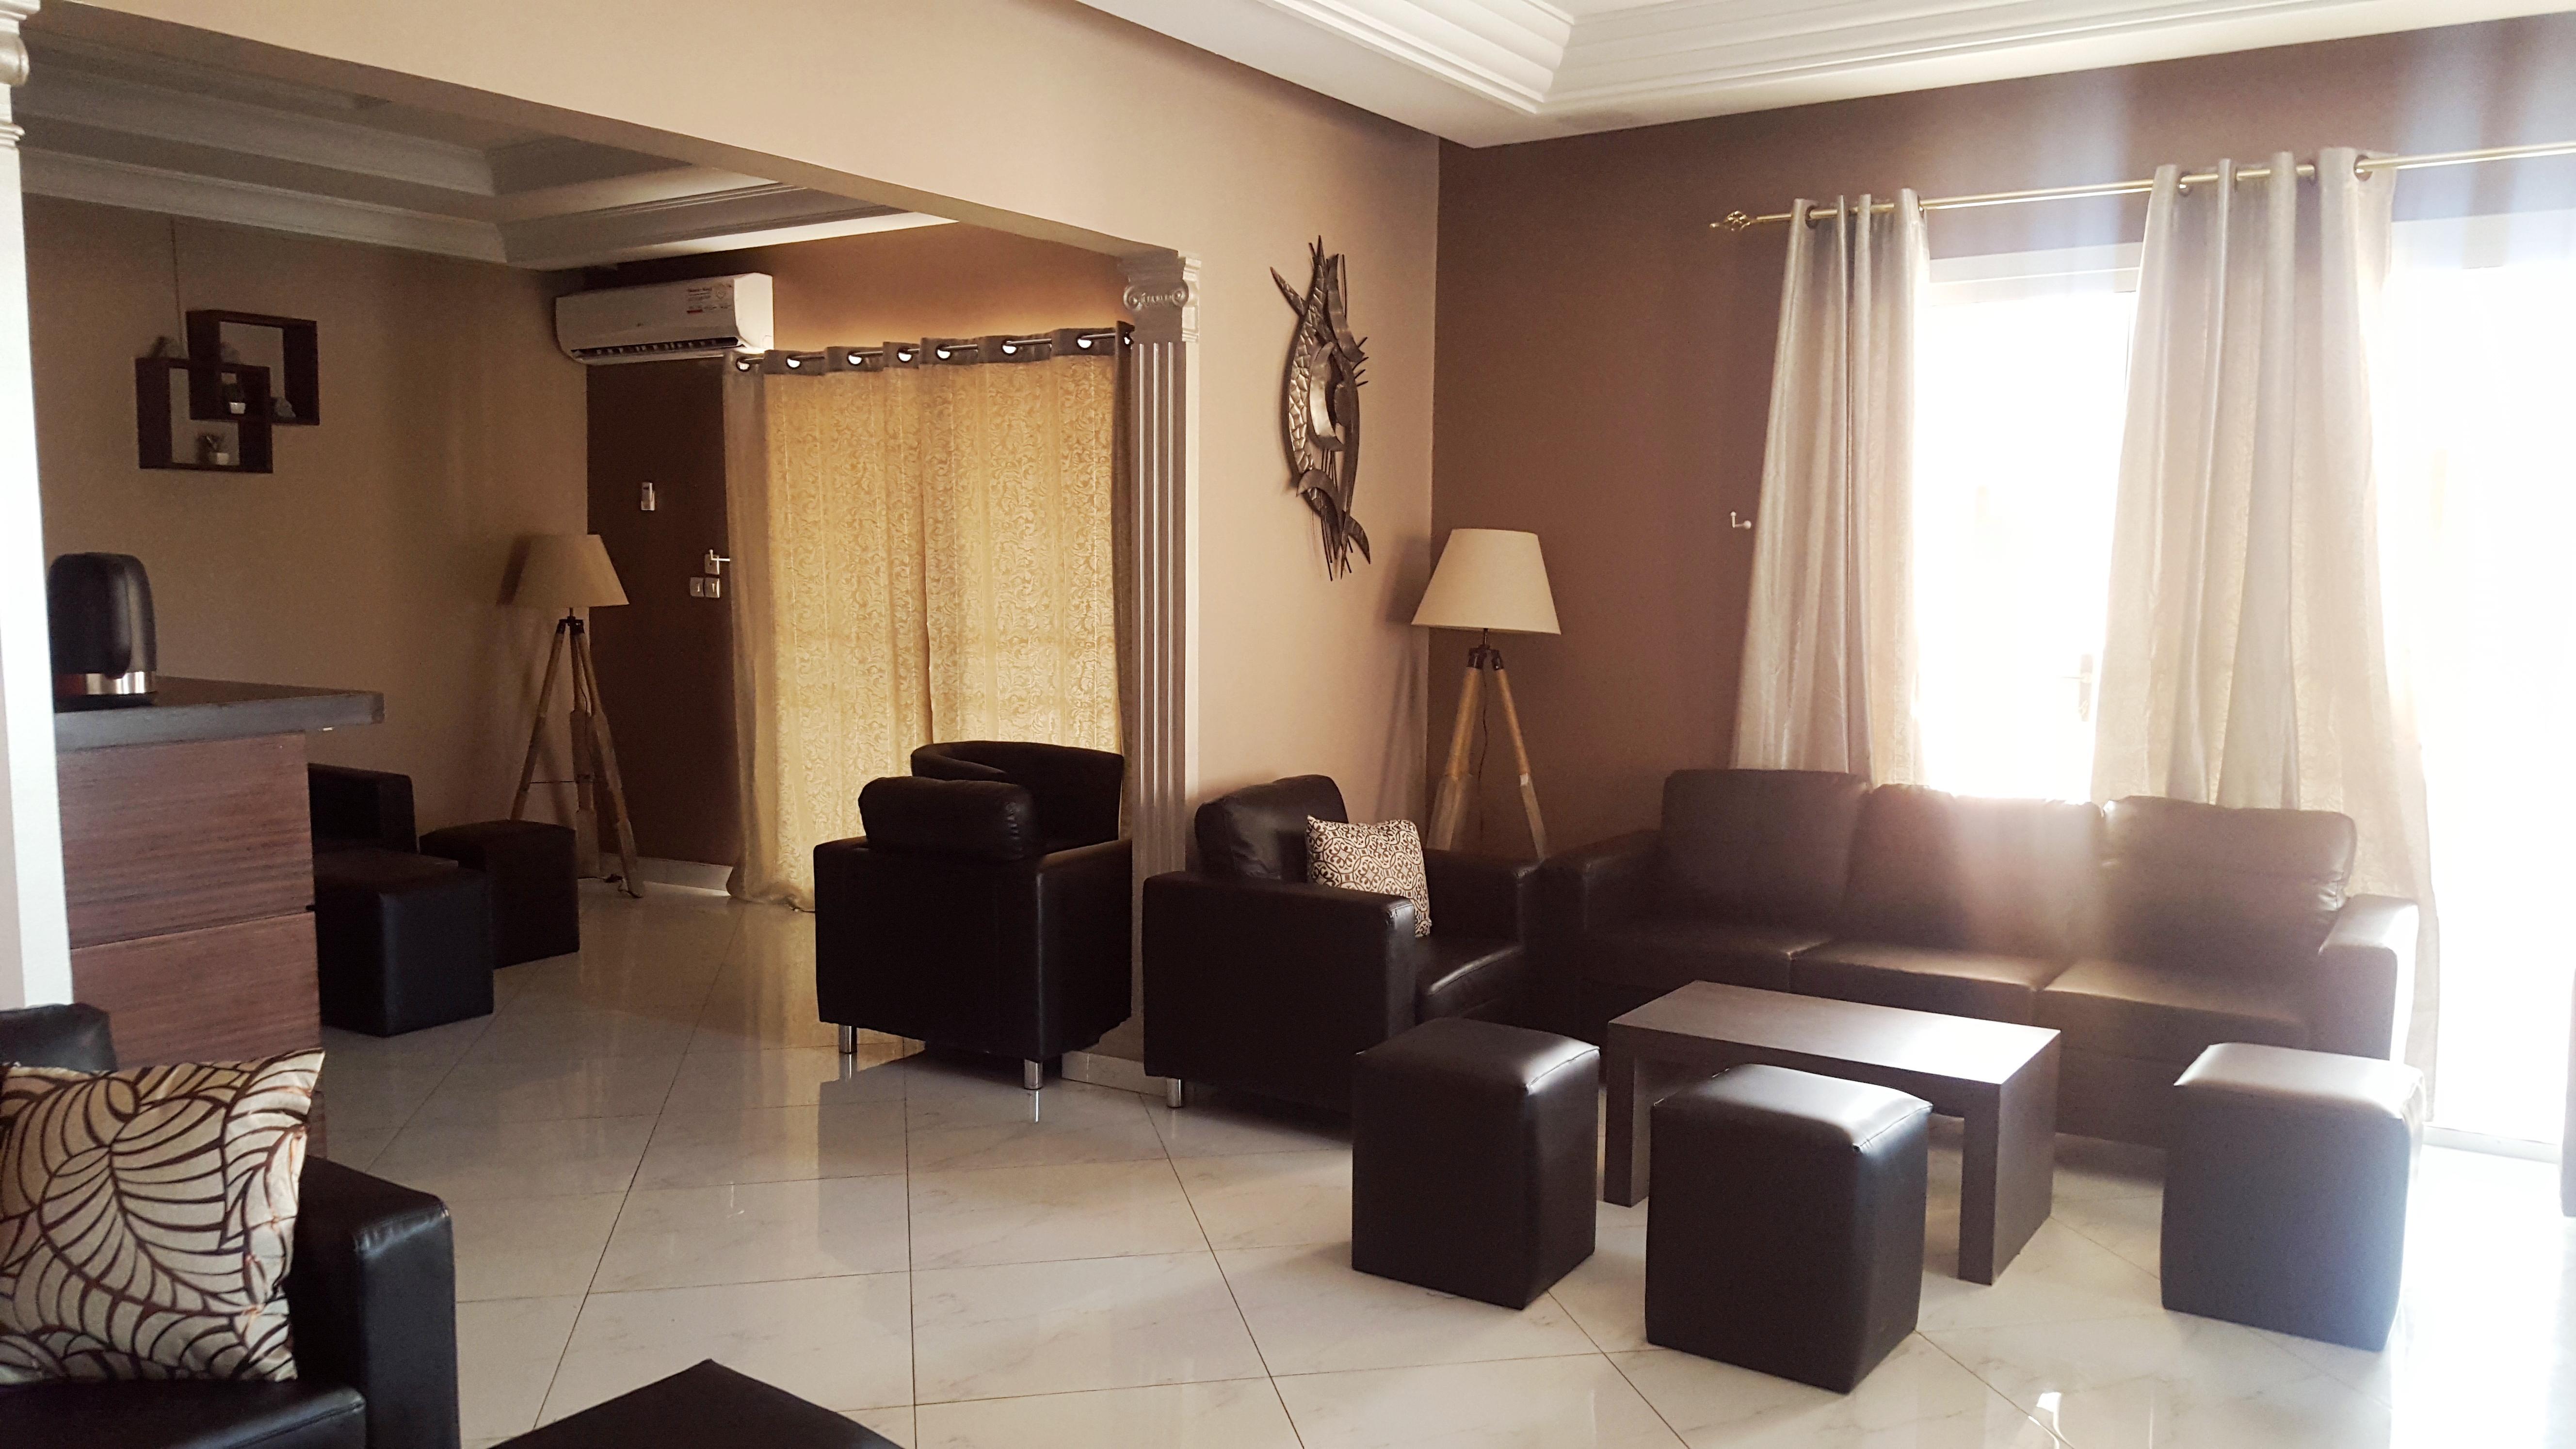 Décoration d'intérieur salon privé par Claudia Walker.